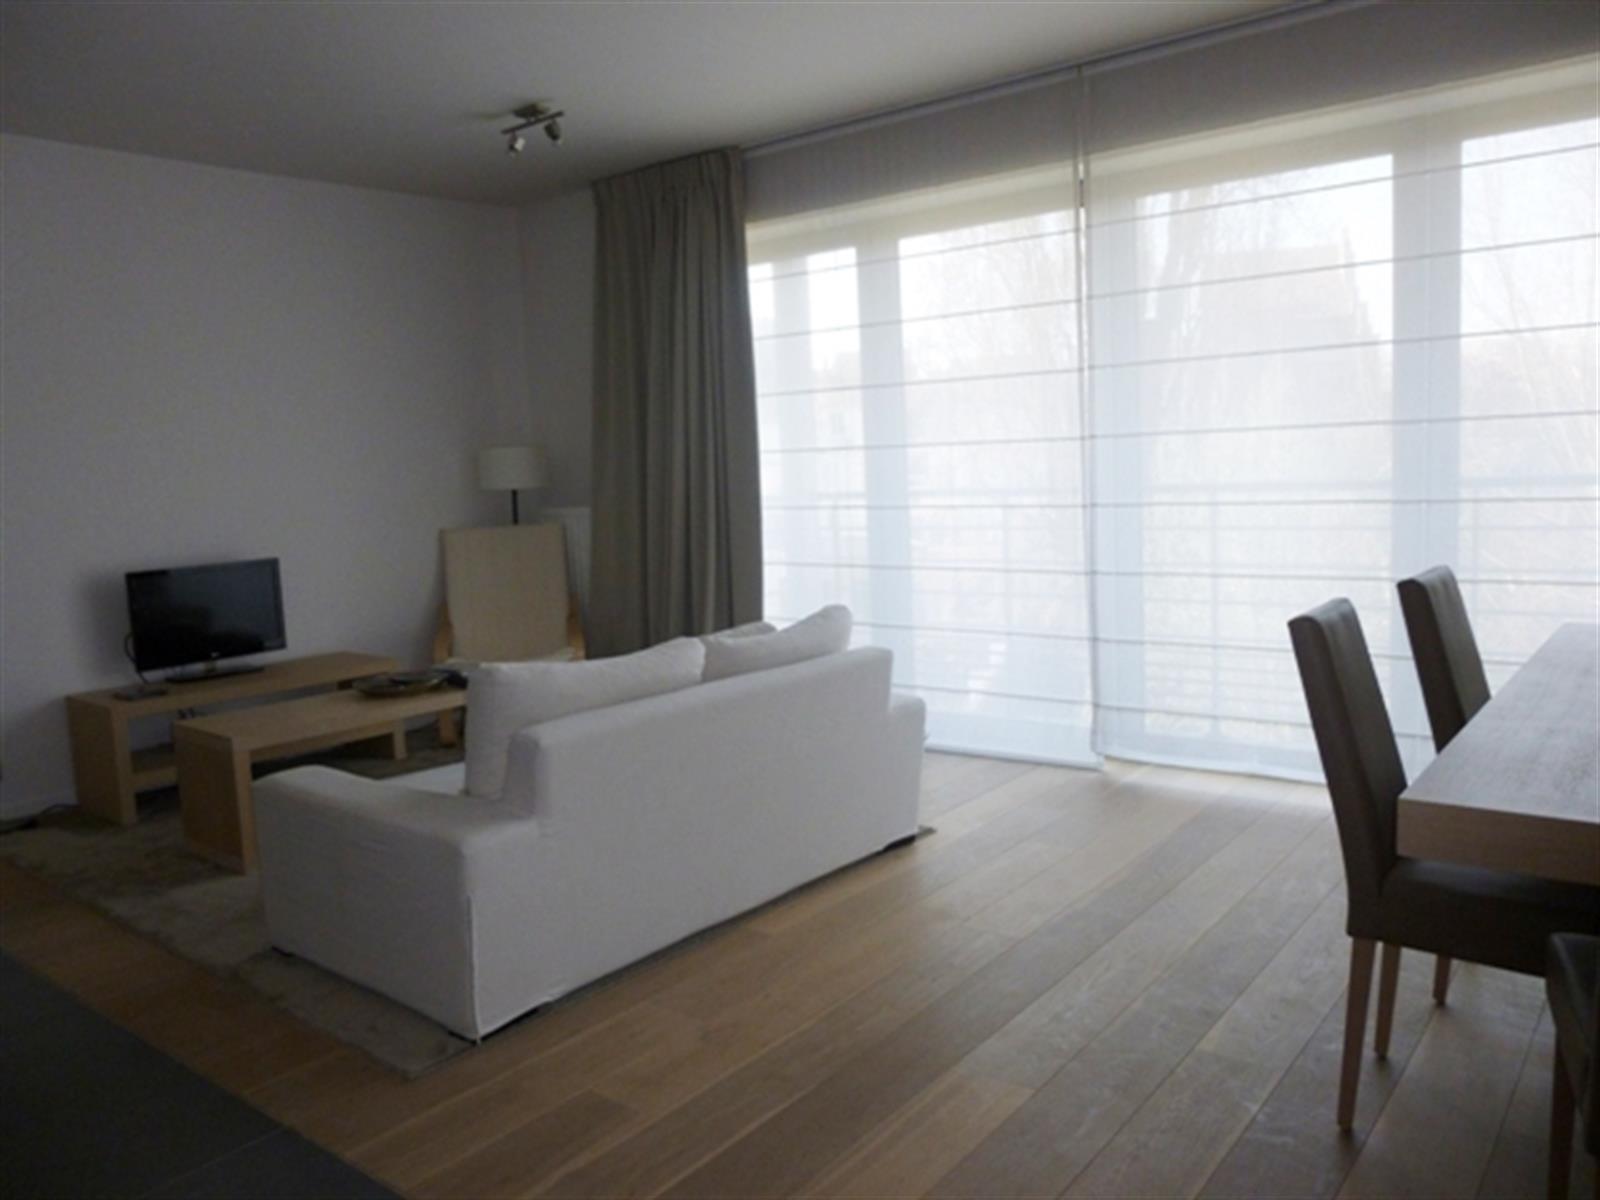 Appartement - Etterbeek - #4249509-2